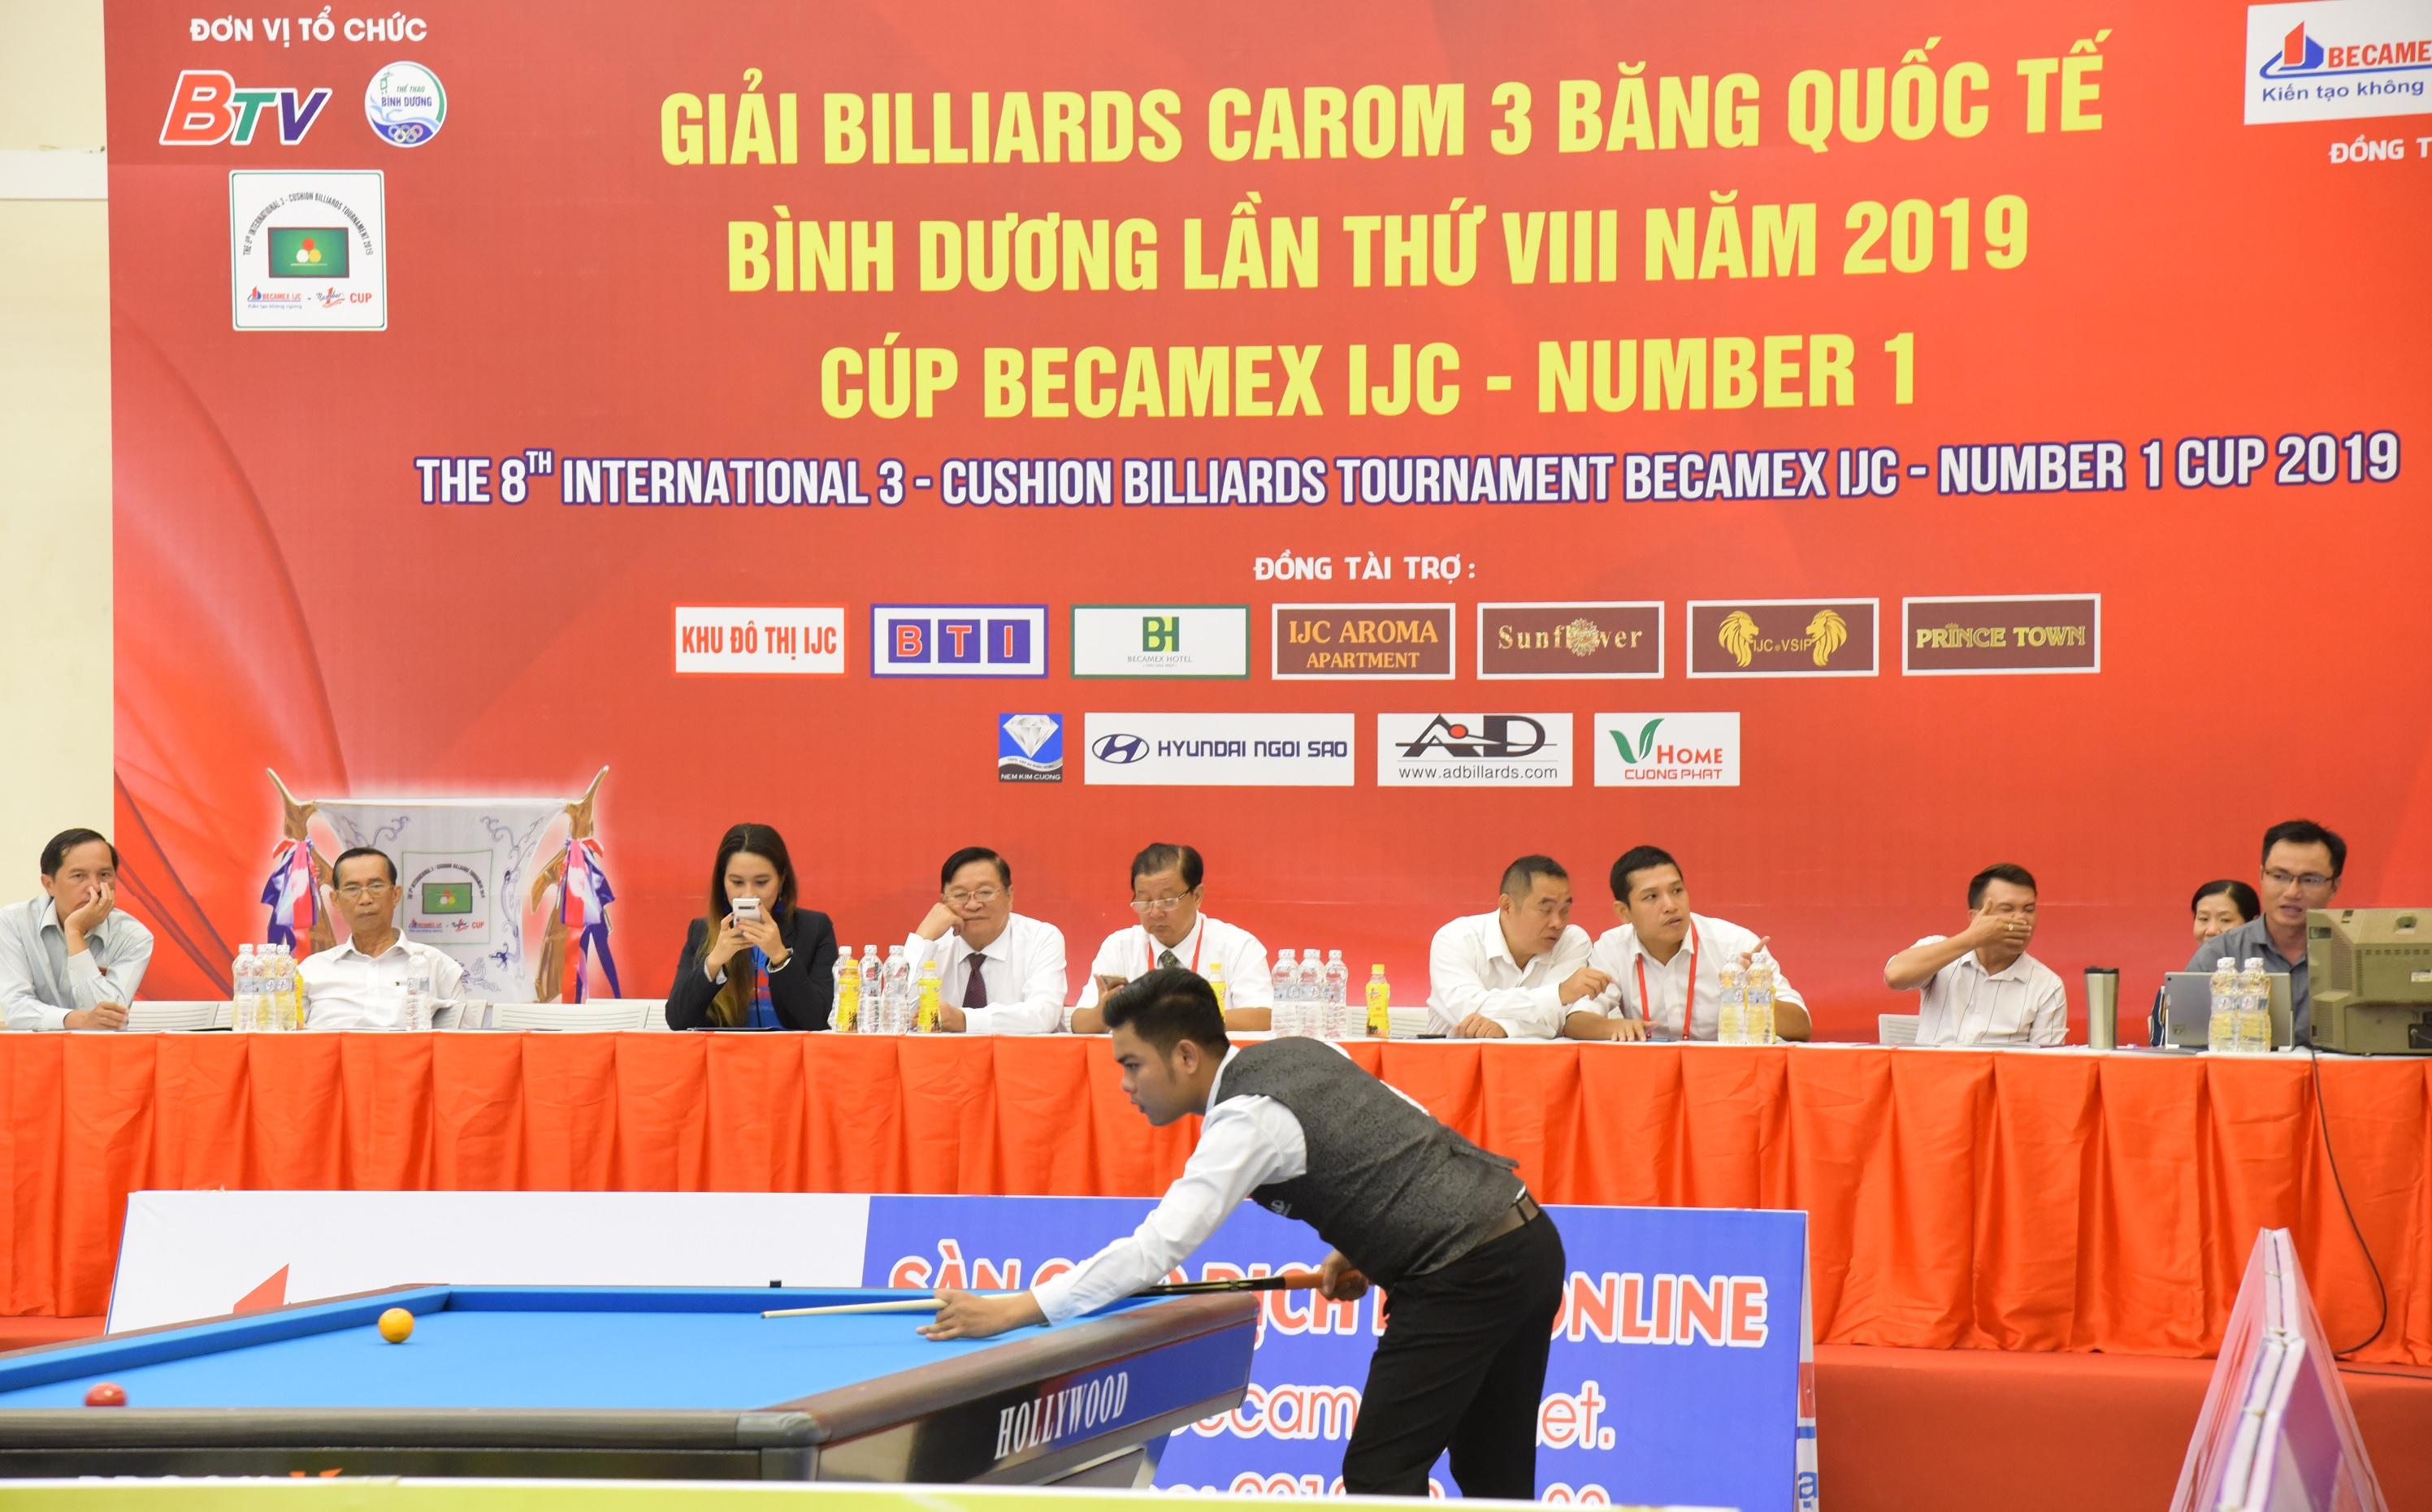 Nước tăng lực Number 1 tiếp tục đồng hành cùng Giải Billiards Carom 3 băng quốc tế Bình Dương - Ảnh 2